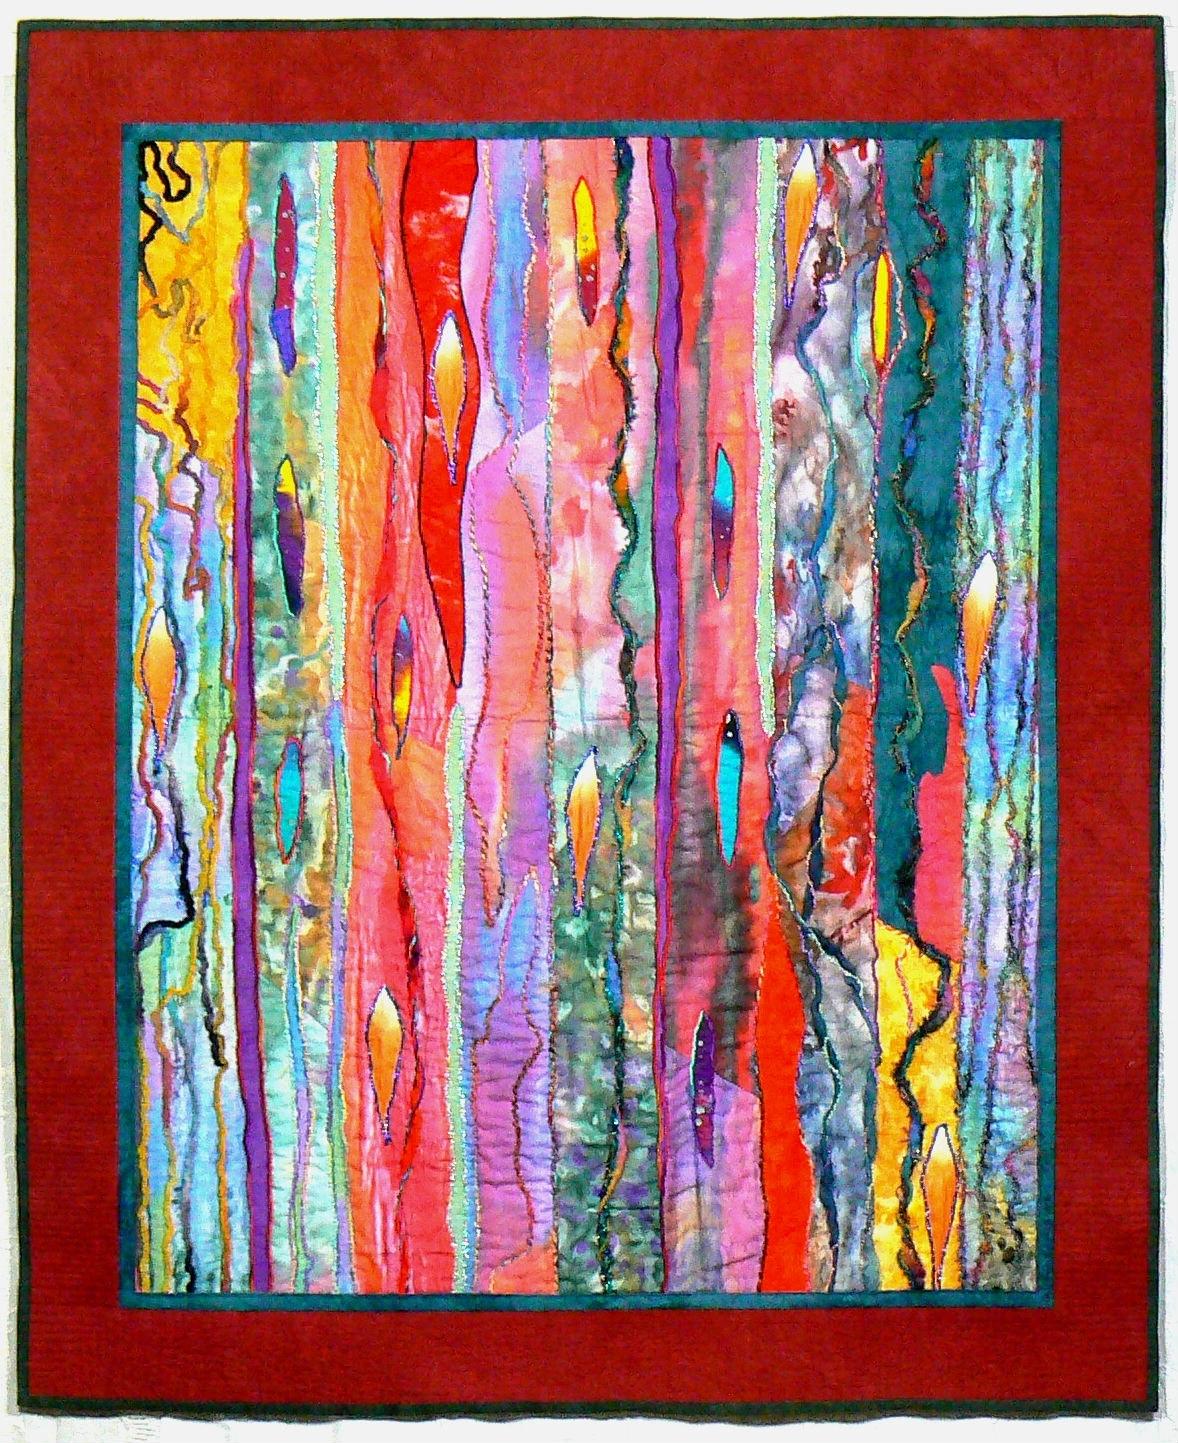 Fiber Art Quilt, Art Wall Hanging, Contemporary Quilt, Modern Art Inside Most Popular Contemporary Textile Wall Art (View 6 of 15)